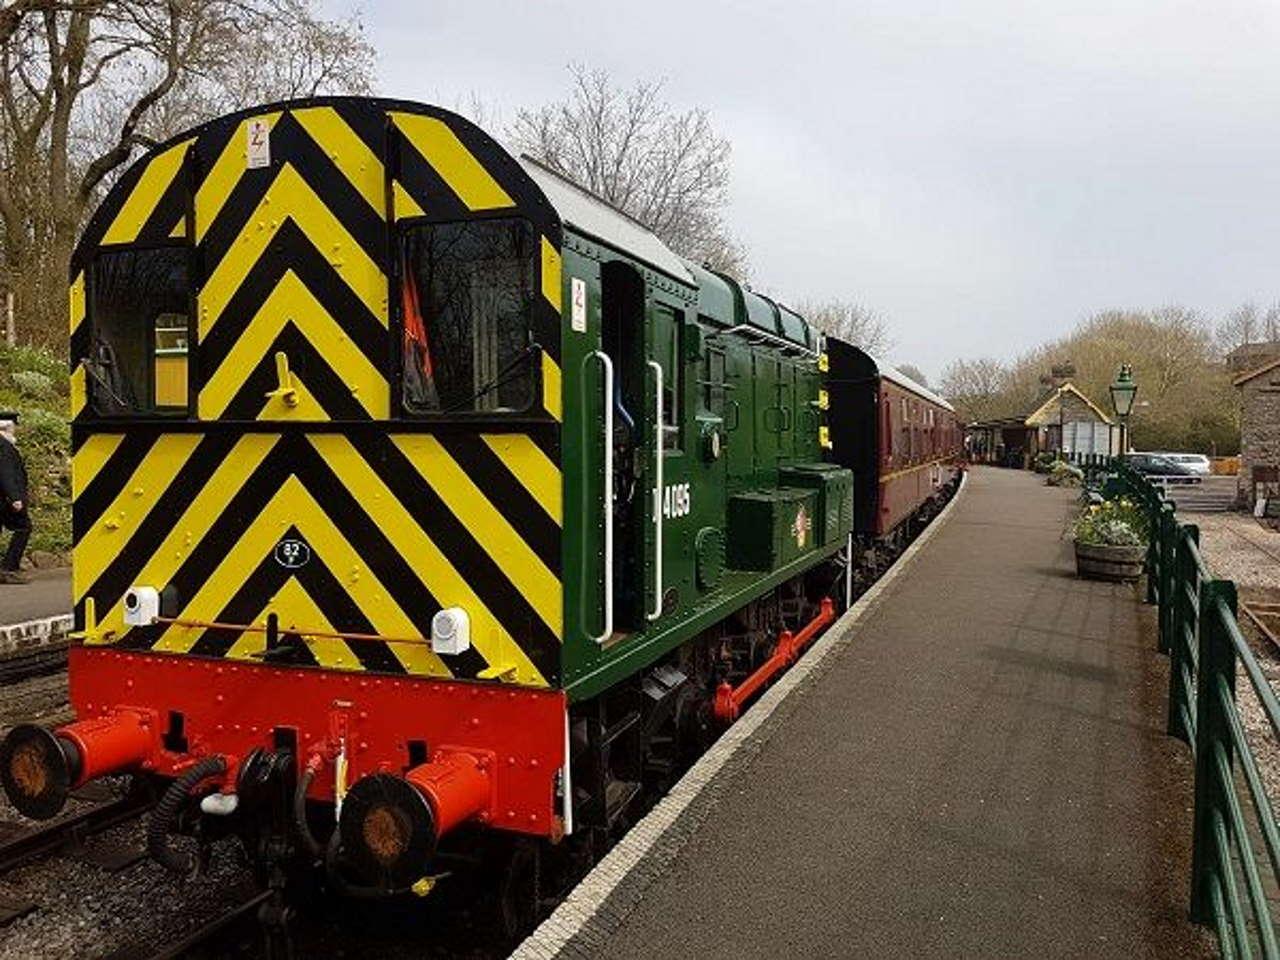 class 08 msn passenger trains